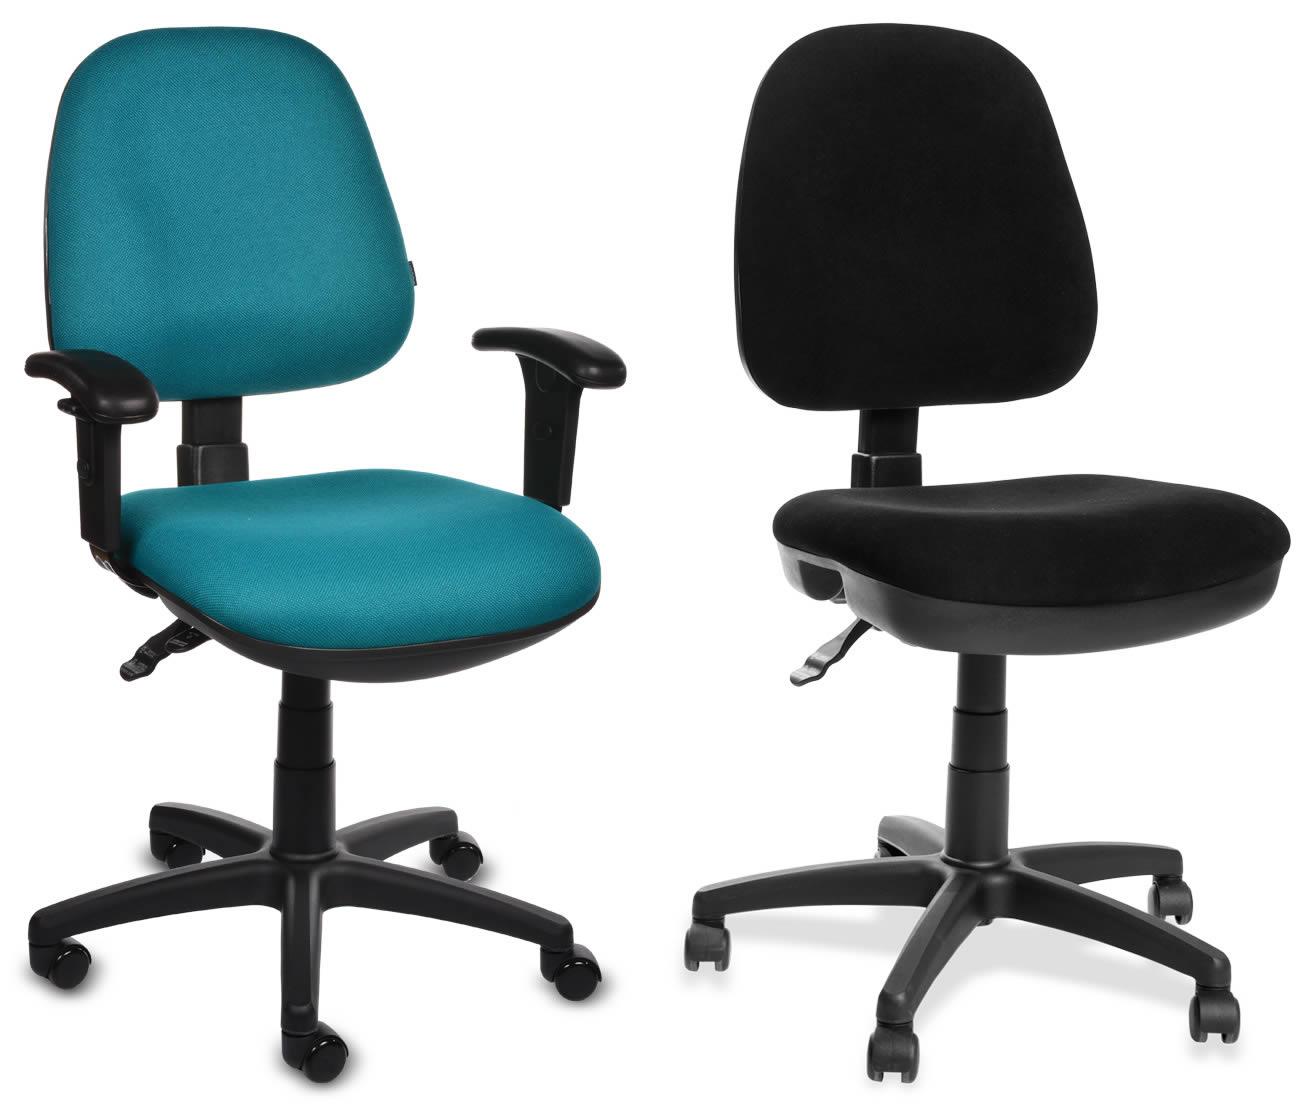 DUCON - Sillas para oficinas - Sillas ergonómicas